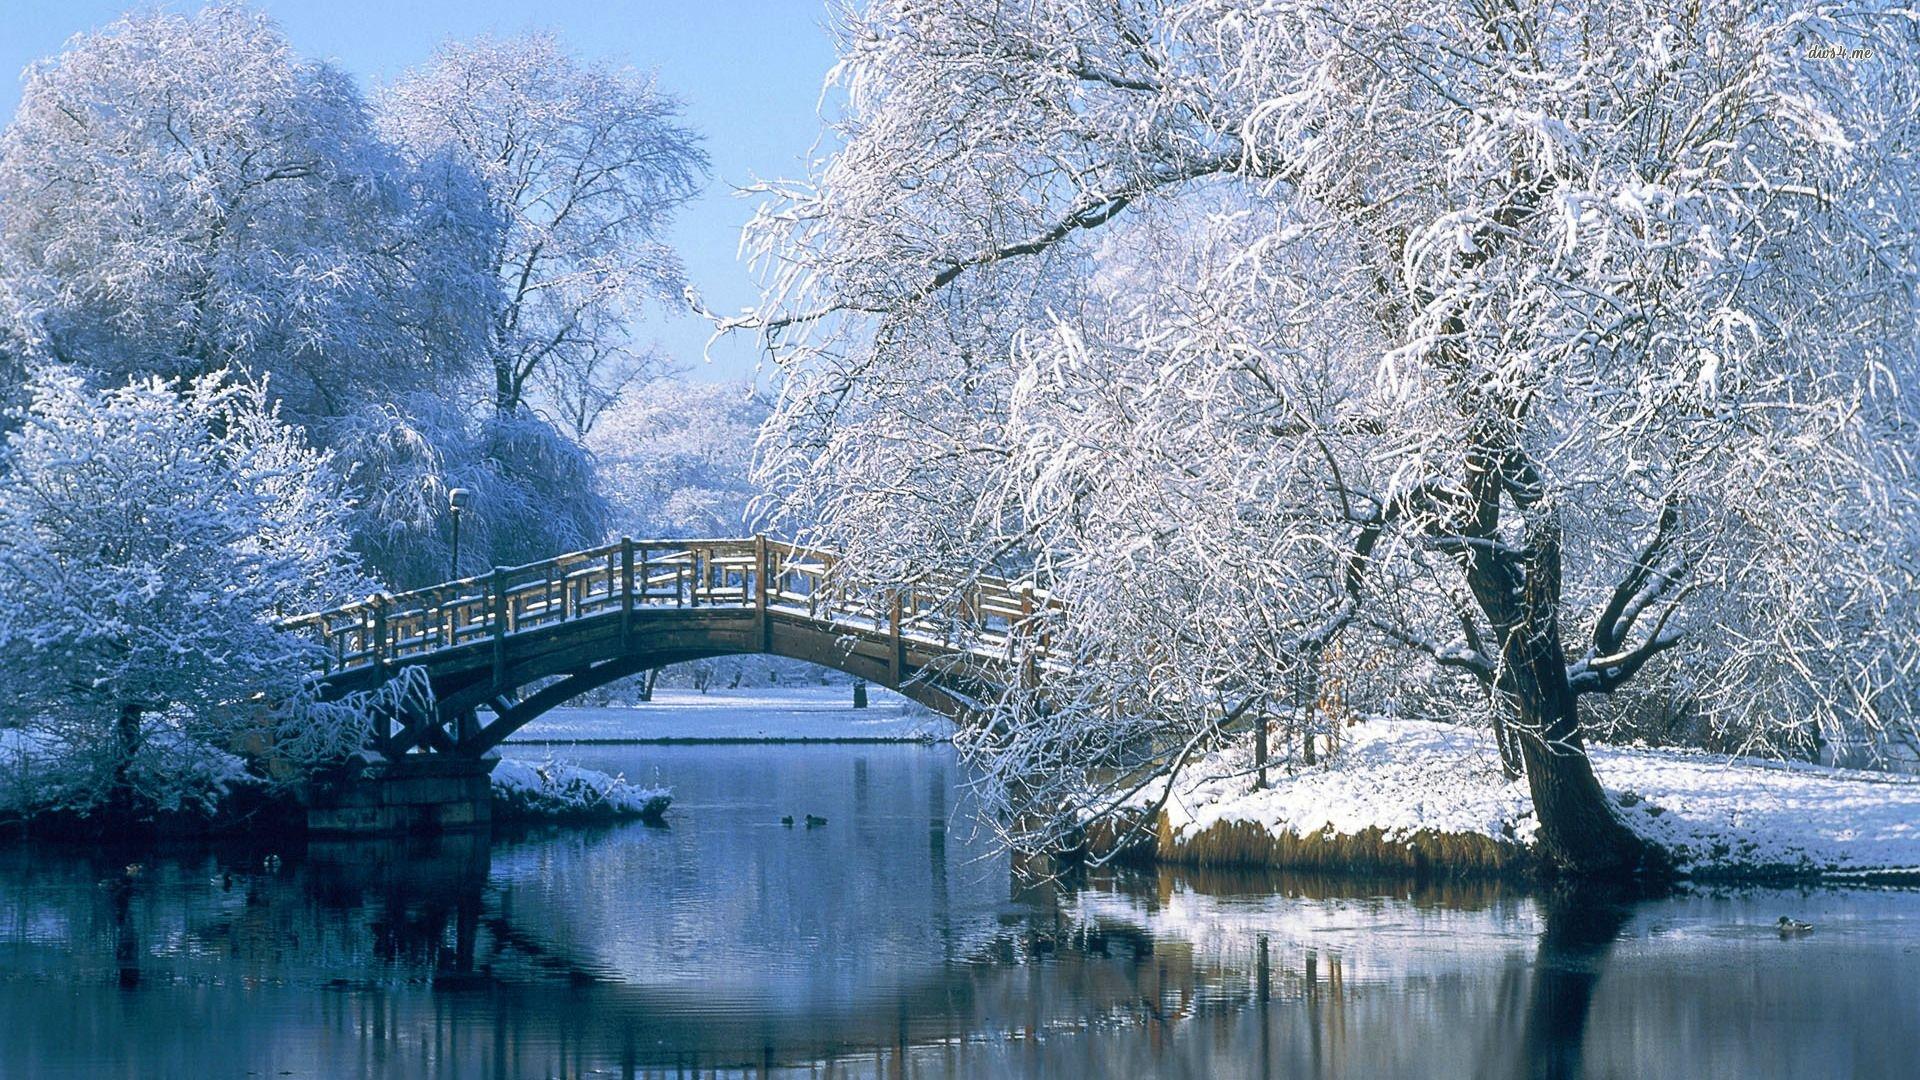 Winter Landscape 15400 Hd Wallpaper